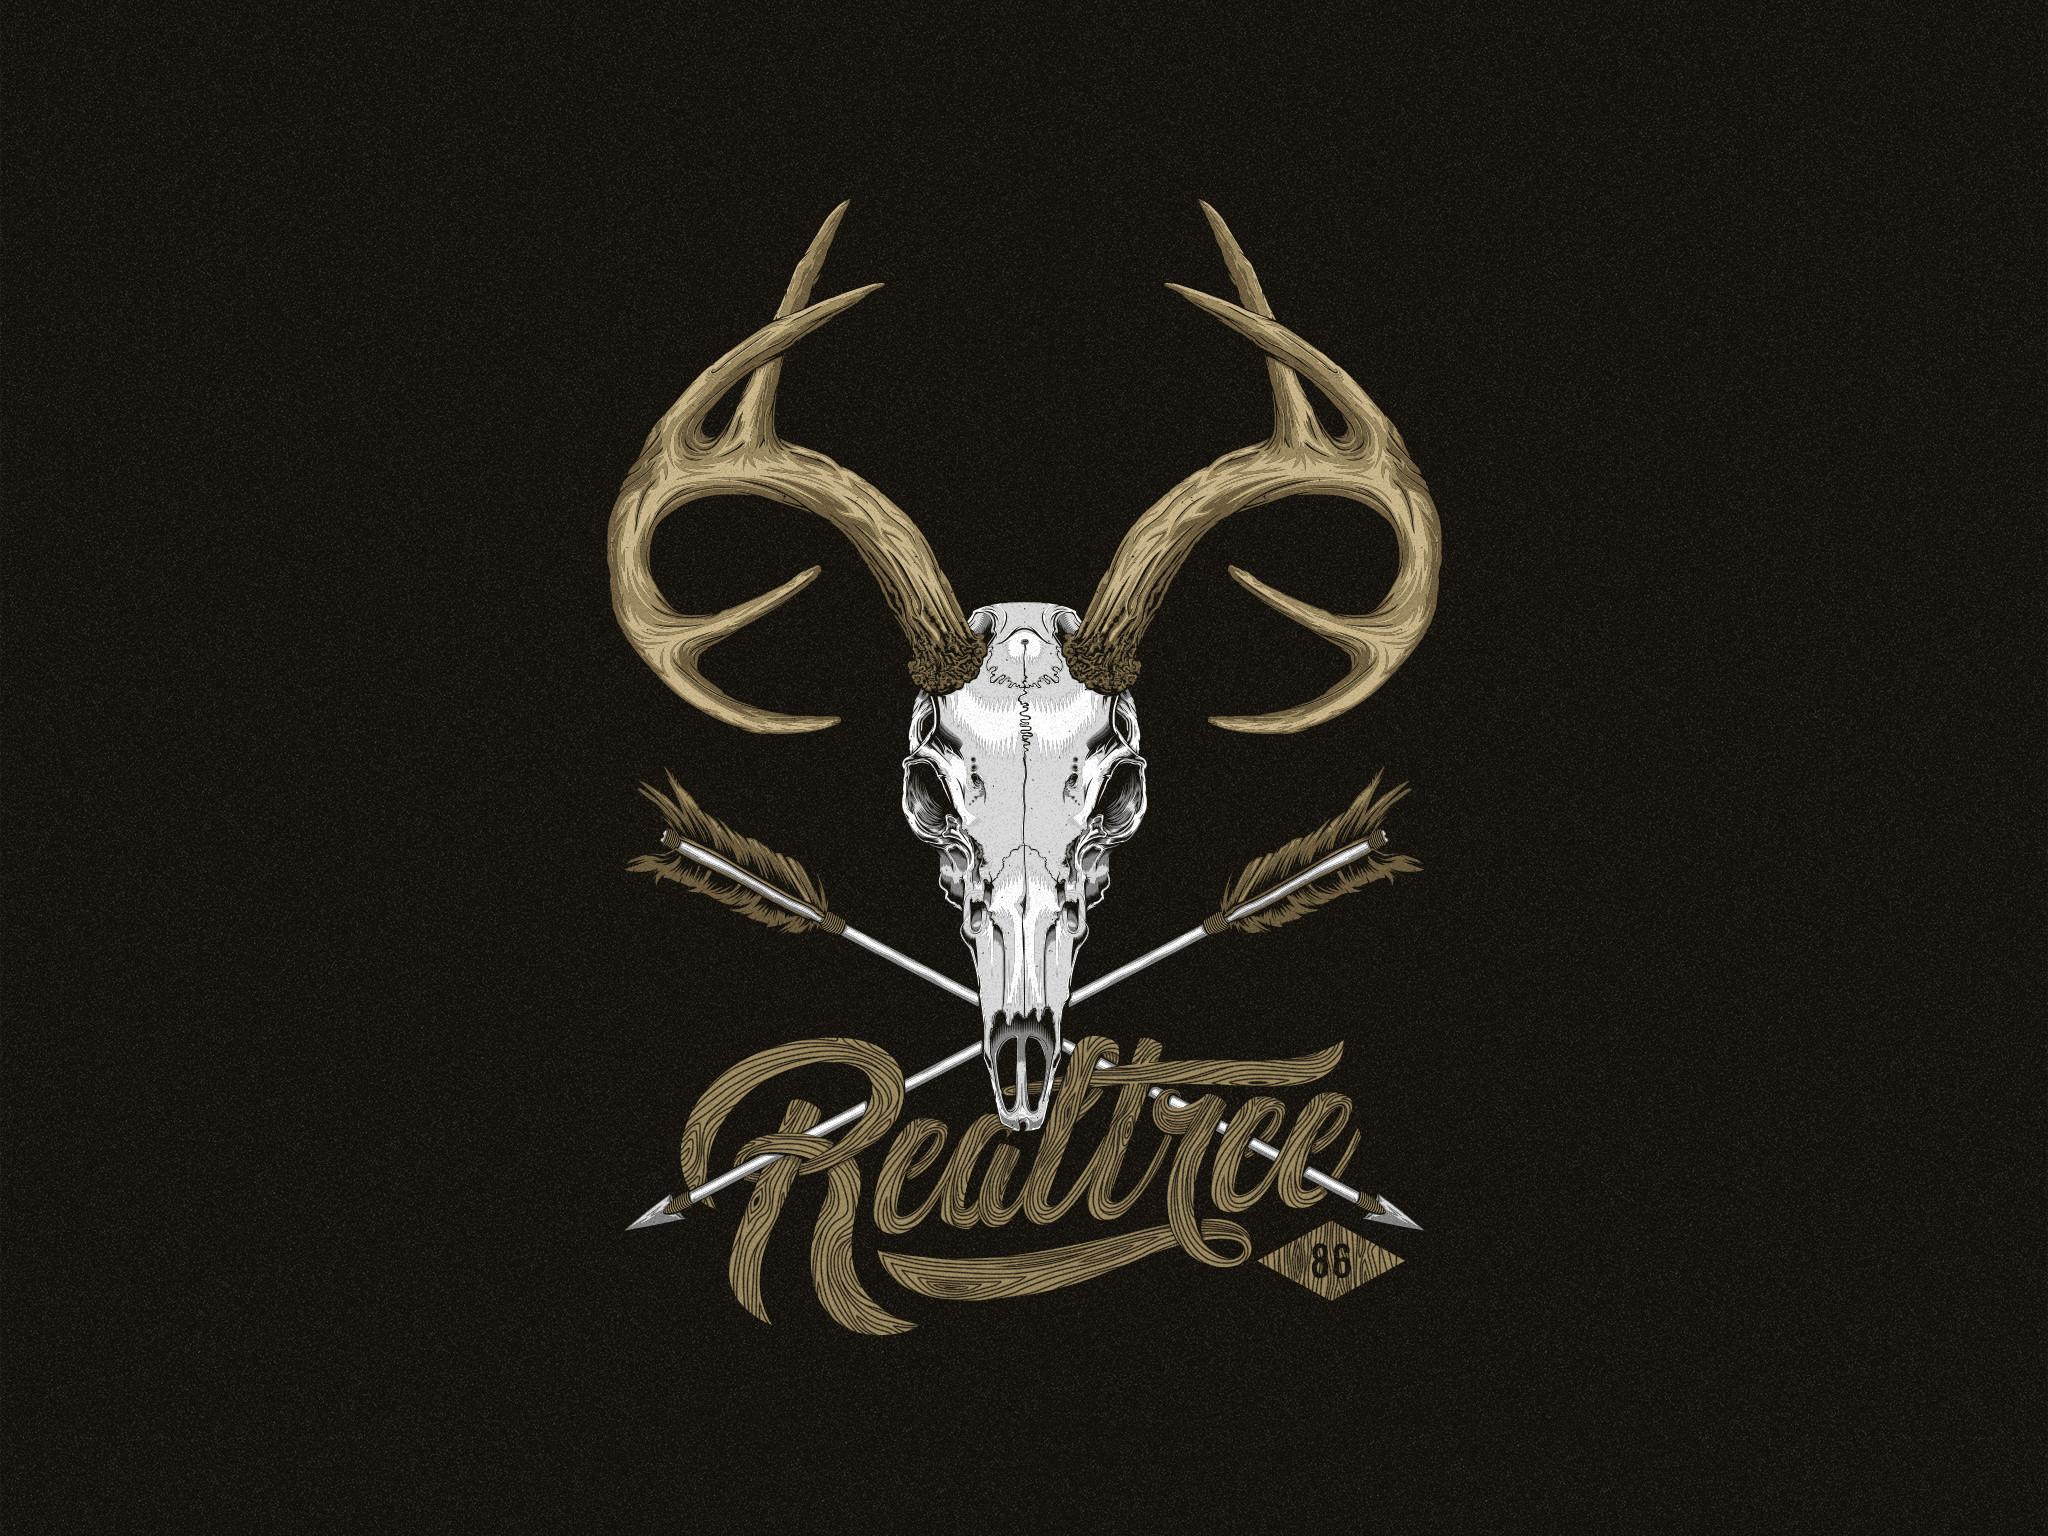 Realtree Ap Wallpaper For Iphone Realtree Deer Wallpaper 183 ① Wallpapertag